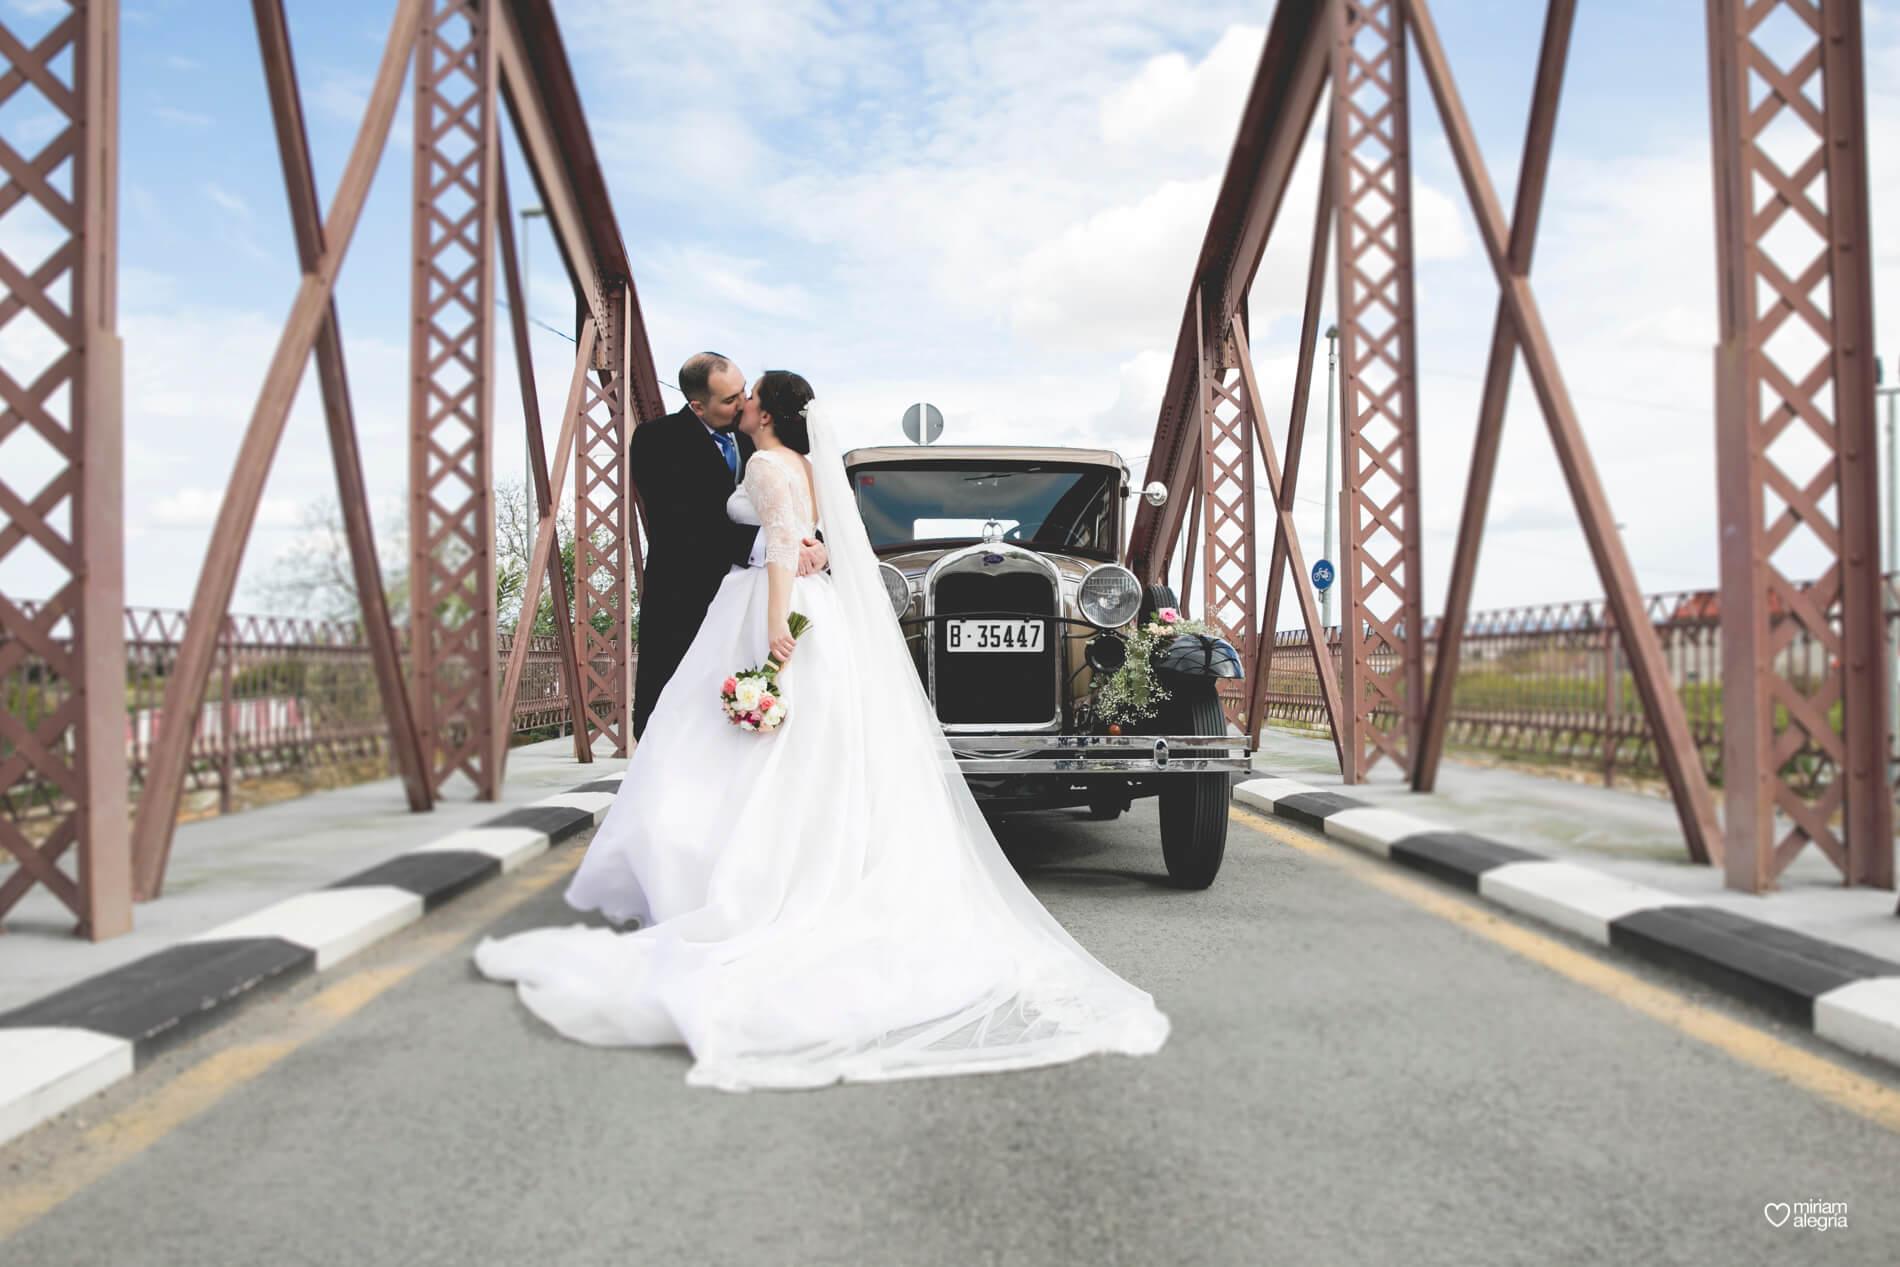 boda-en-el-rincon-huertano-miriam-alegria-fotografos-boda-murcia-97